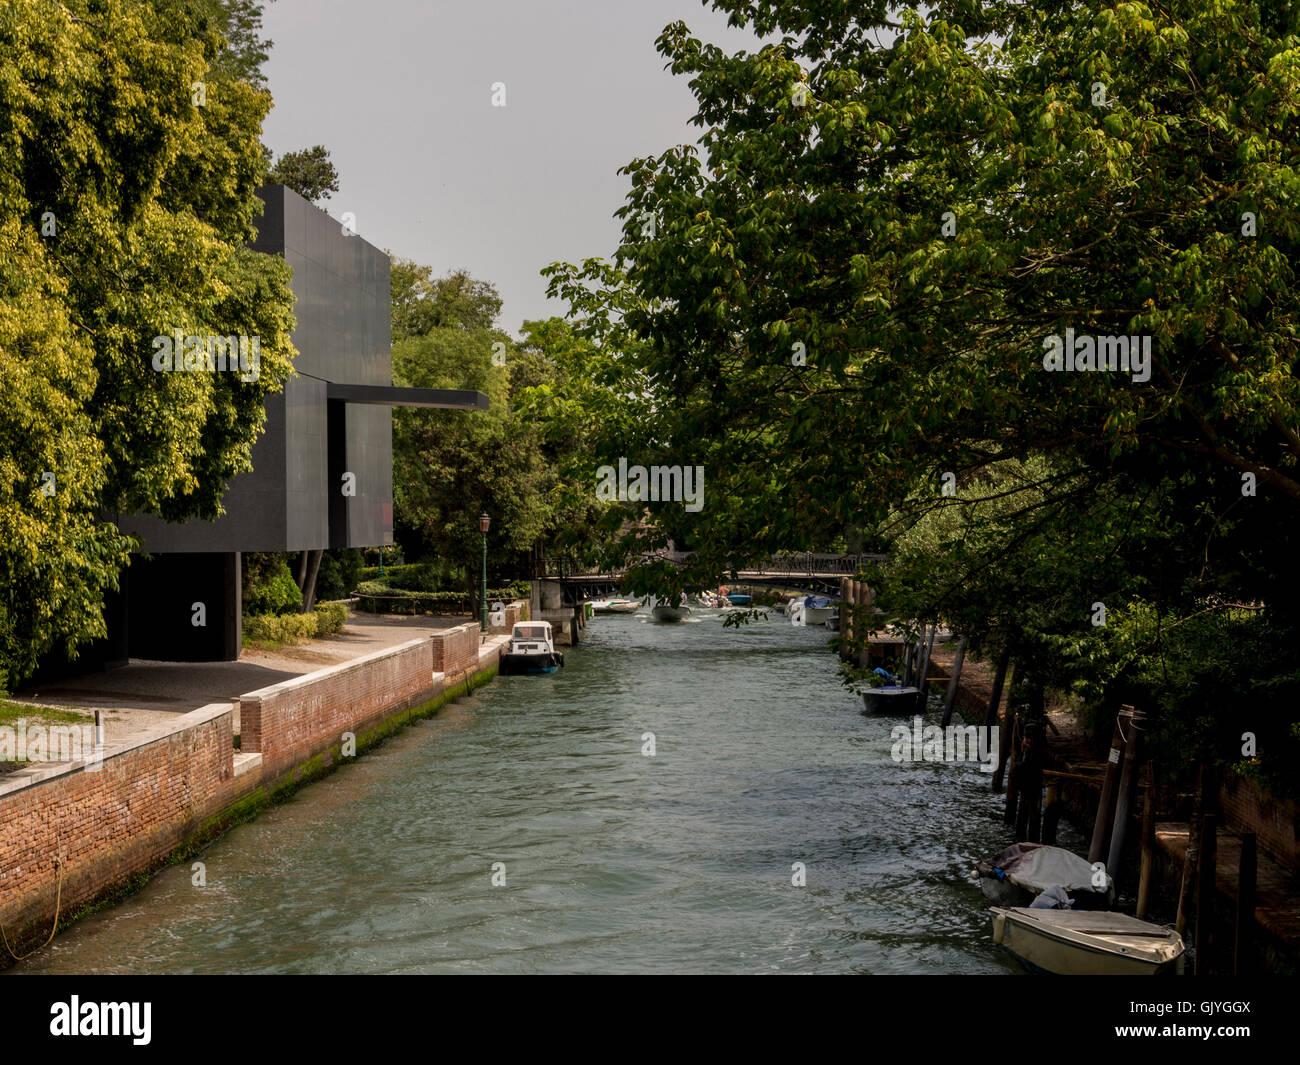 Australia pabellón con vistas a Rio dei Giardini canal, Giardini della Biennale. Una exposición de arquitectura Imagen De Stock